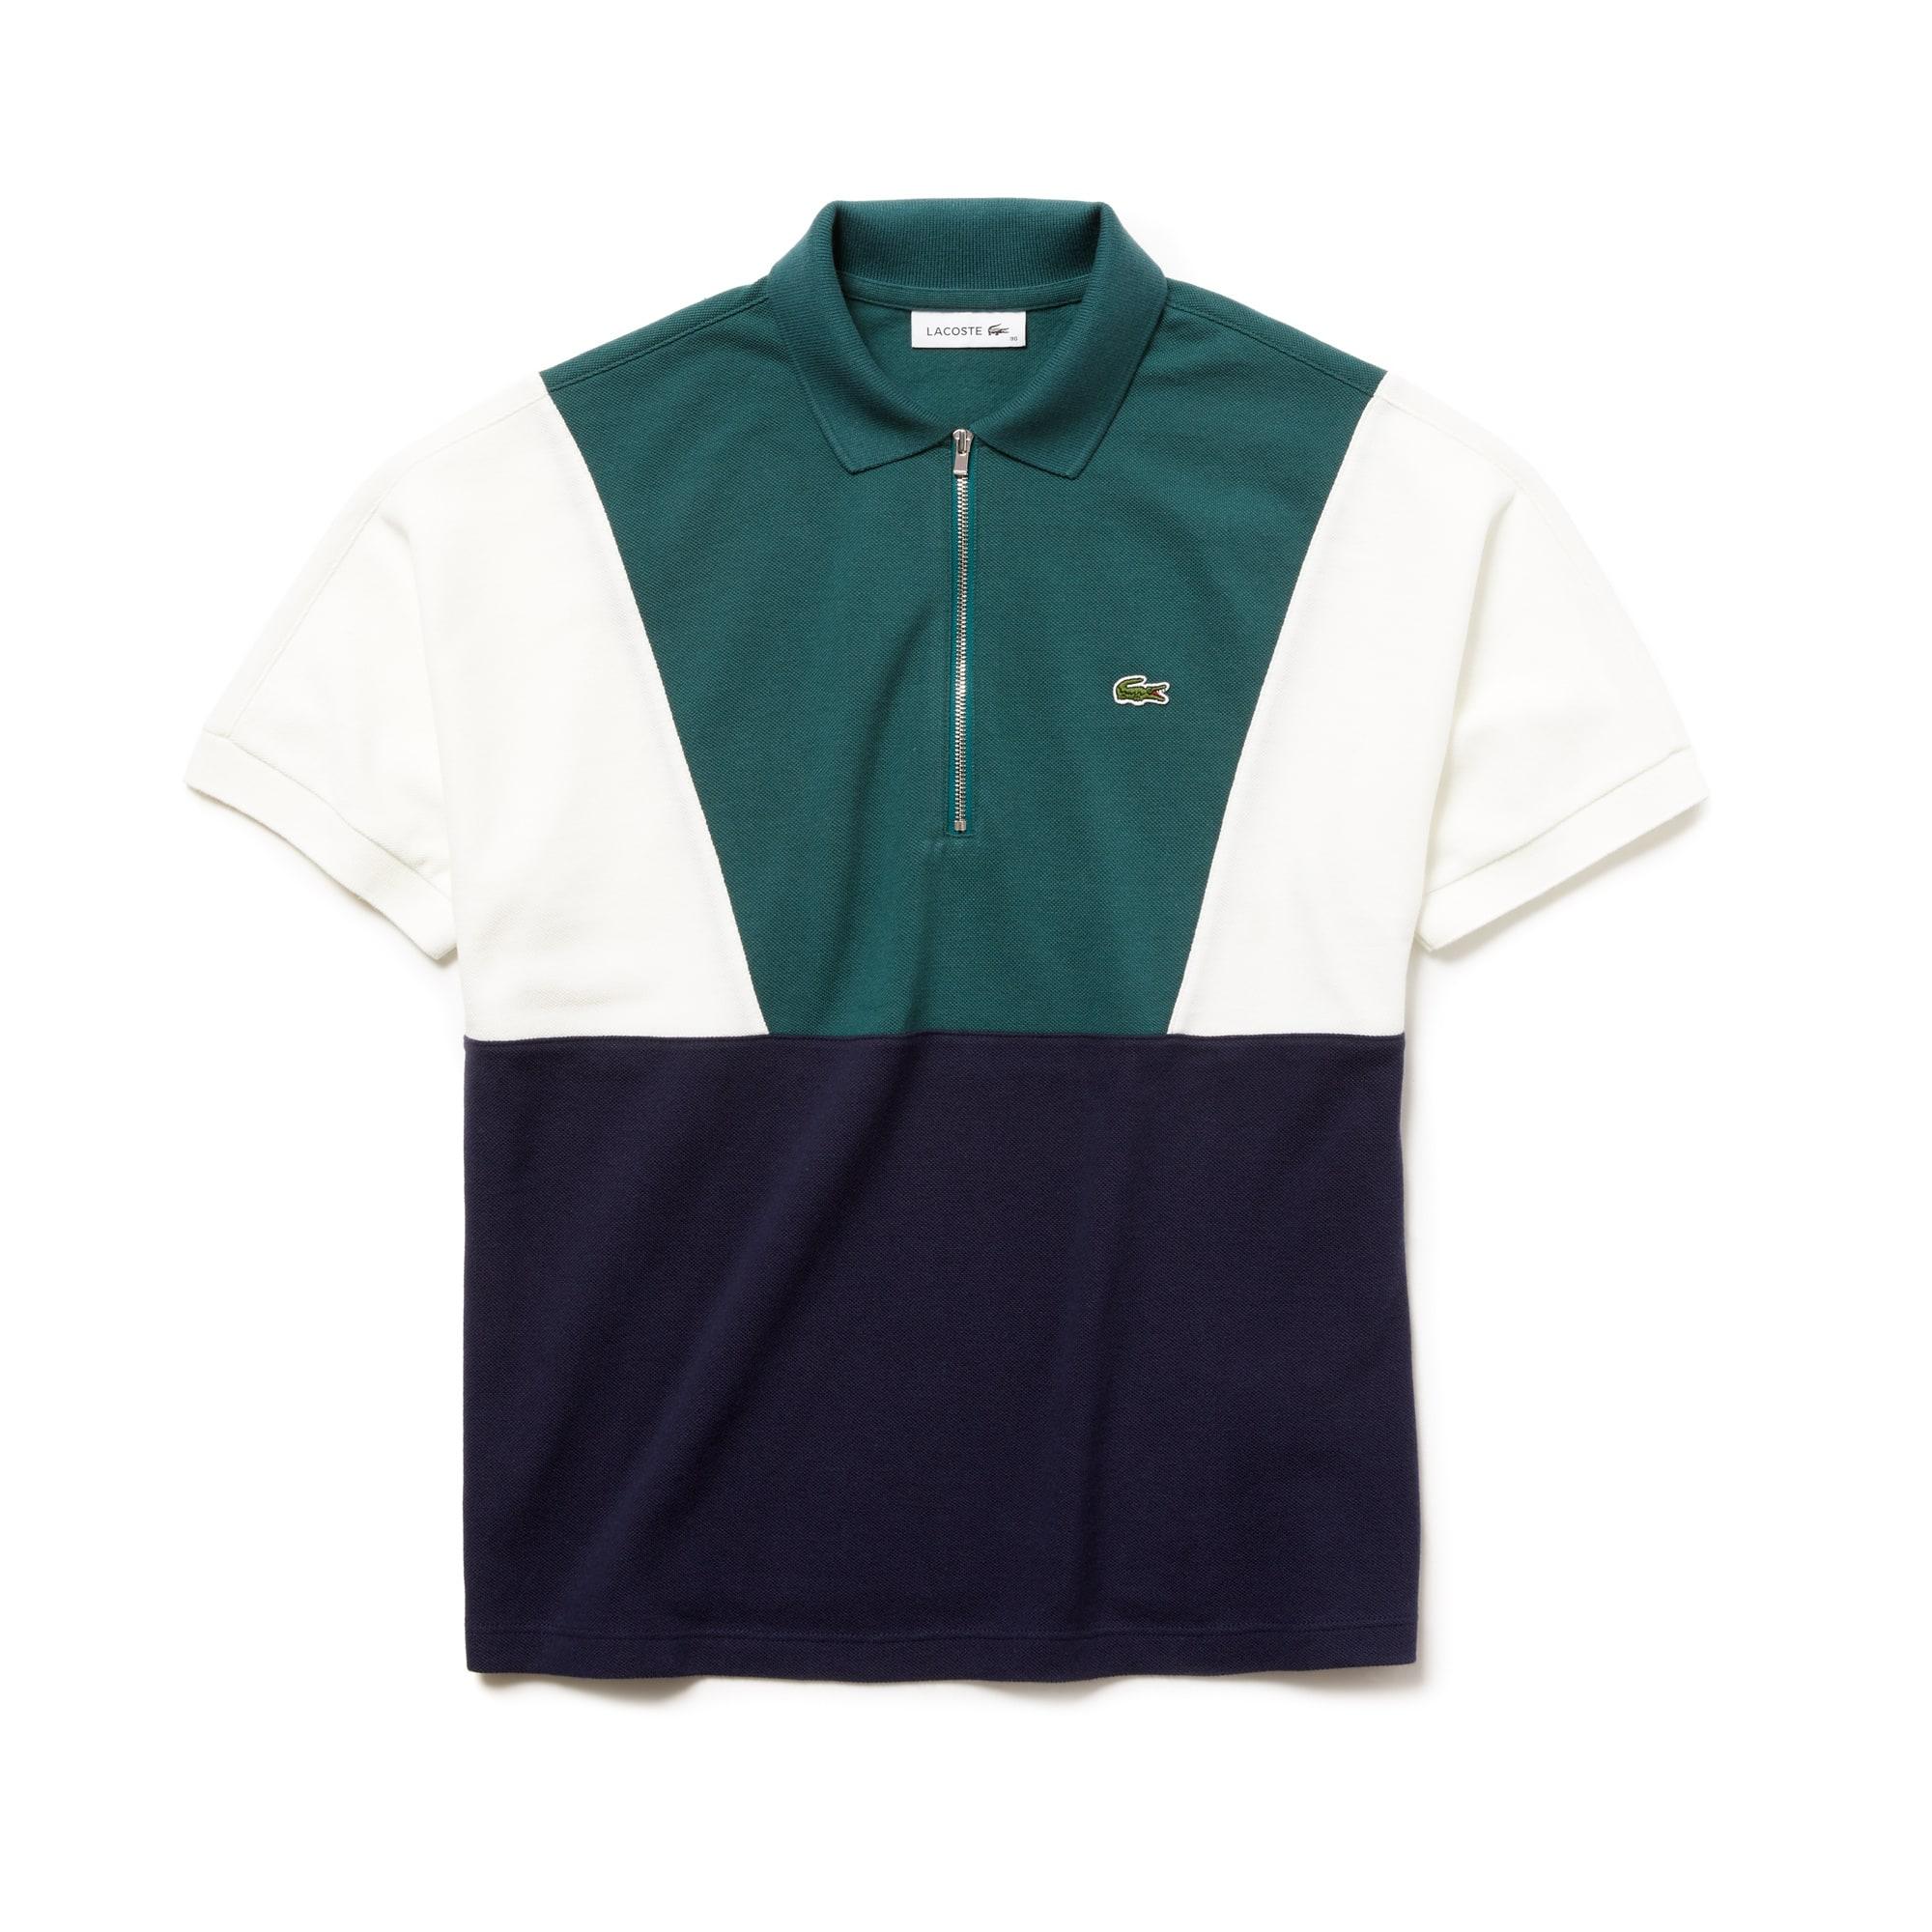 Women's Zip Neck Colorblock Terrycloth Piqué Polo by Lacoste